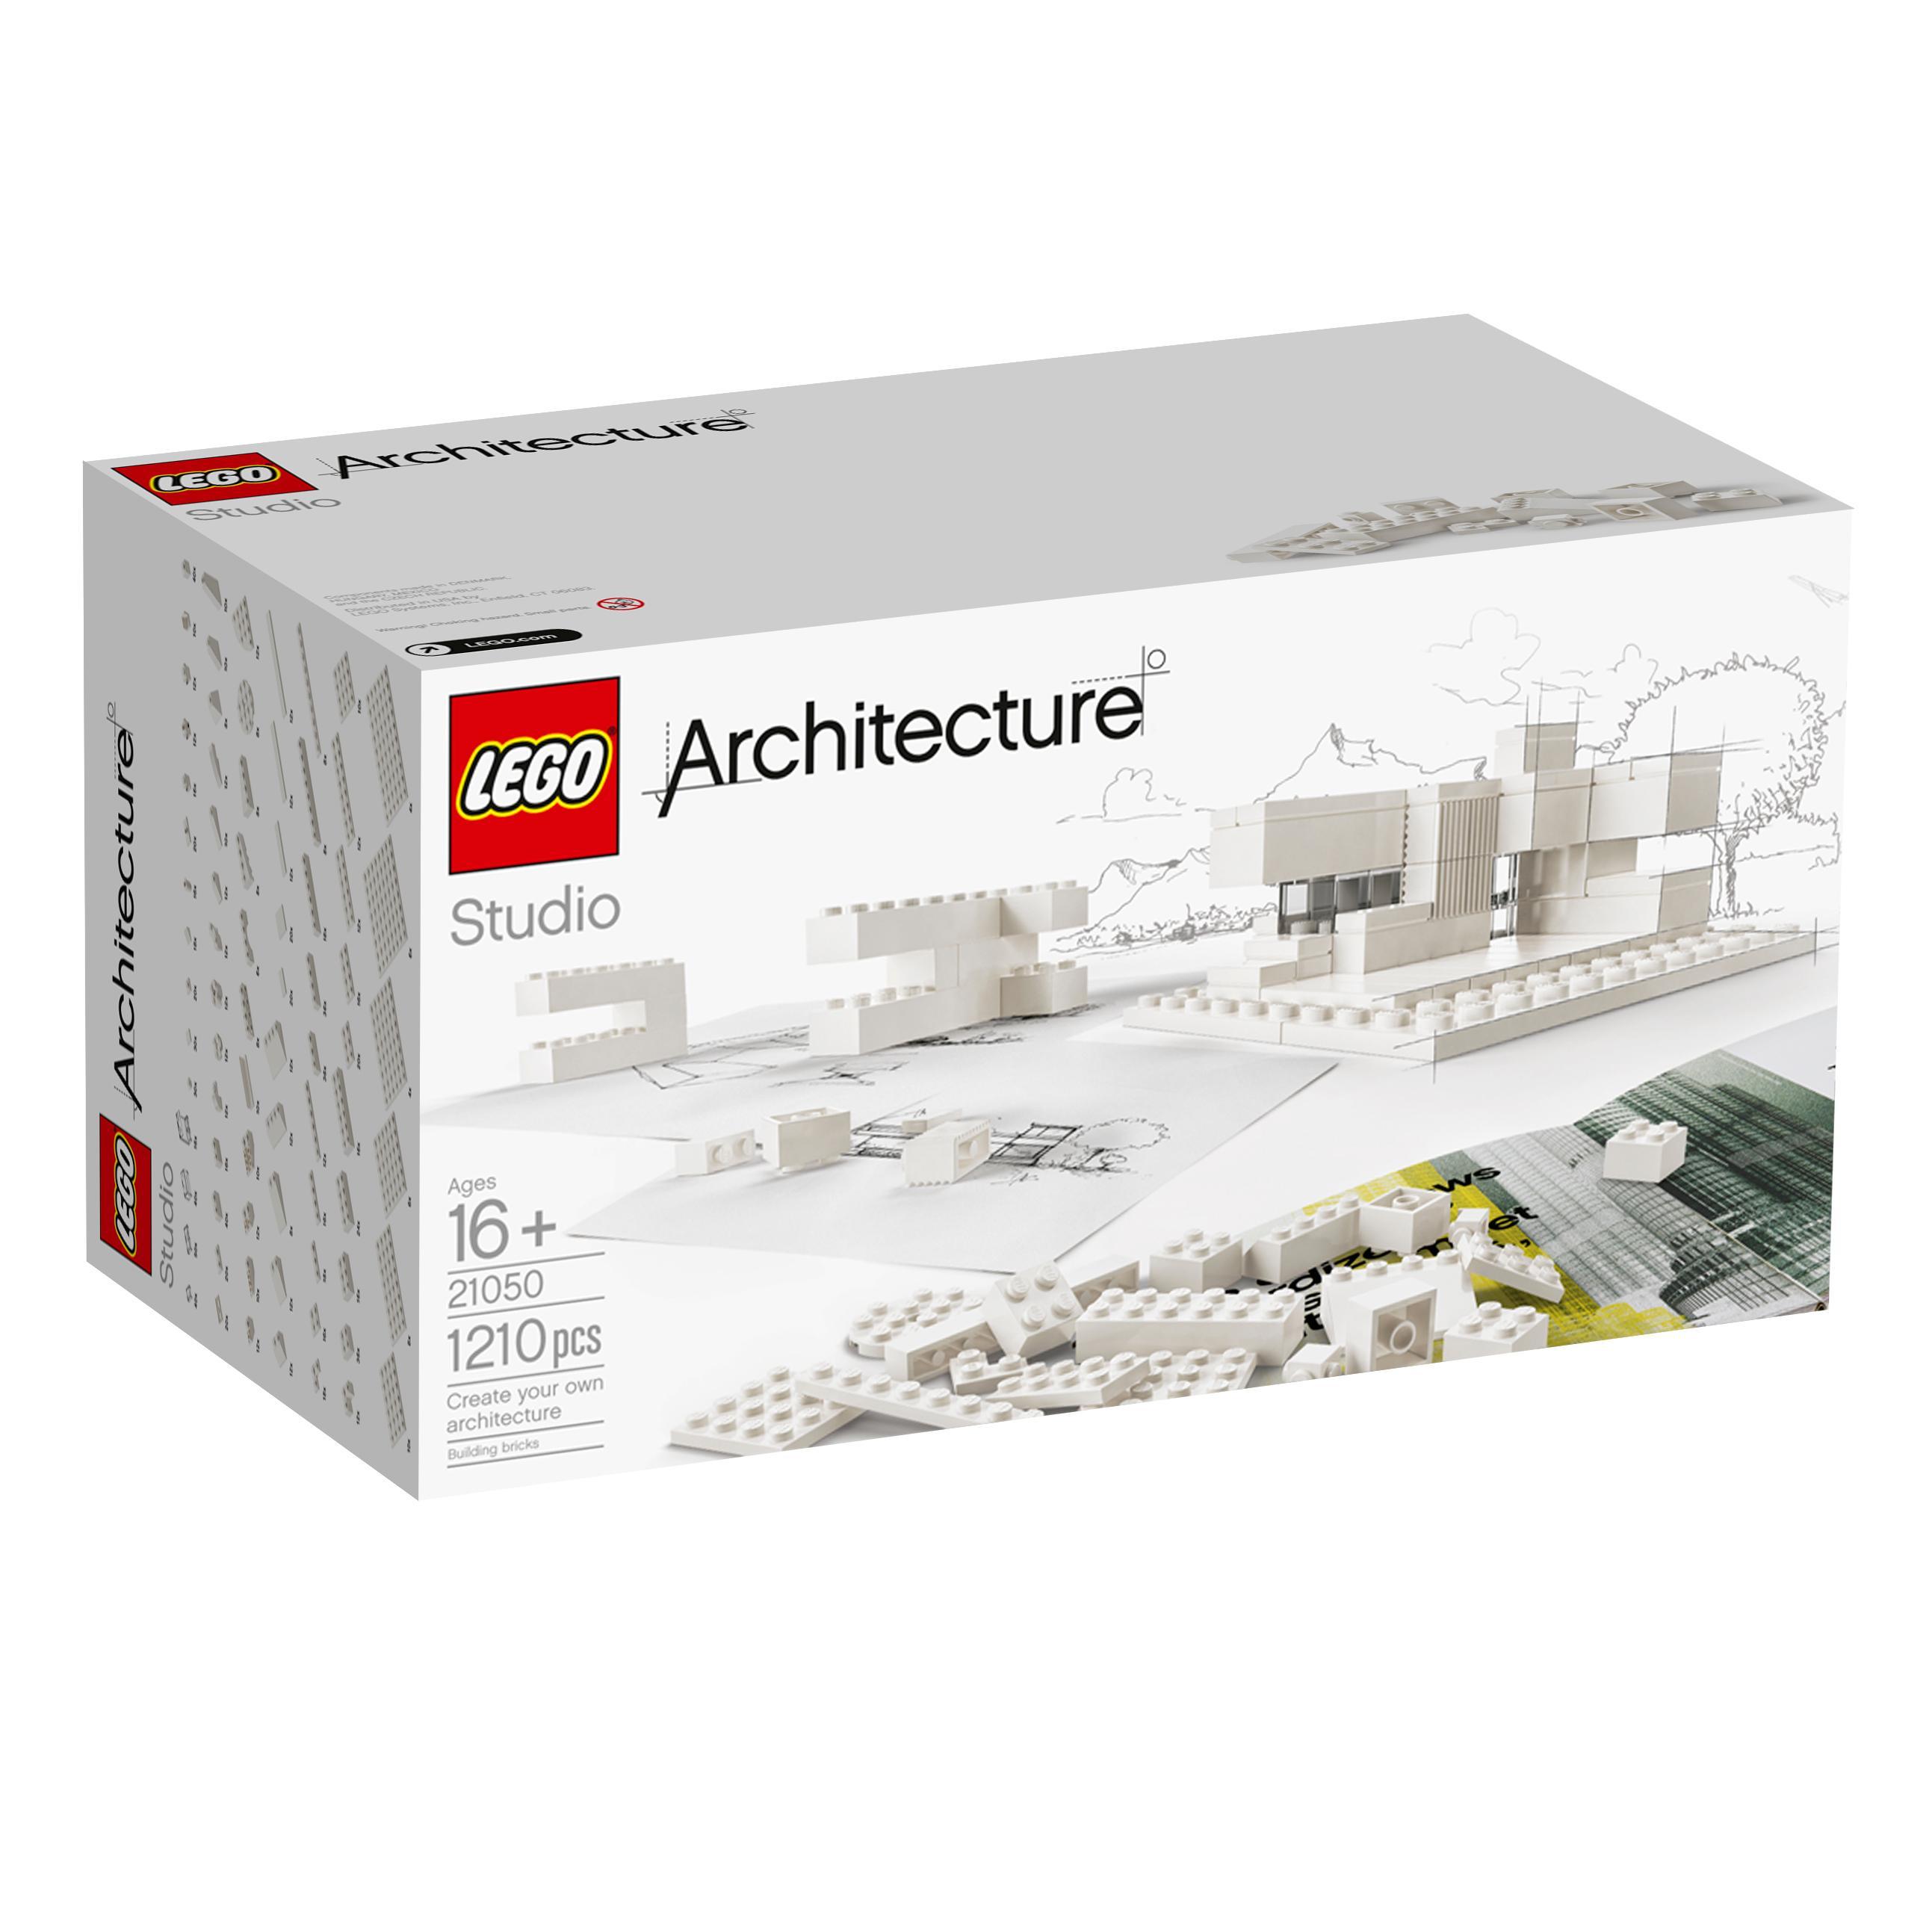 Lego architecture studio 21050 building blocks for Architecture 00